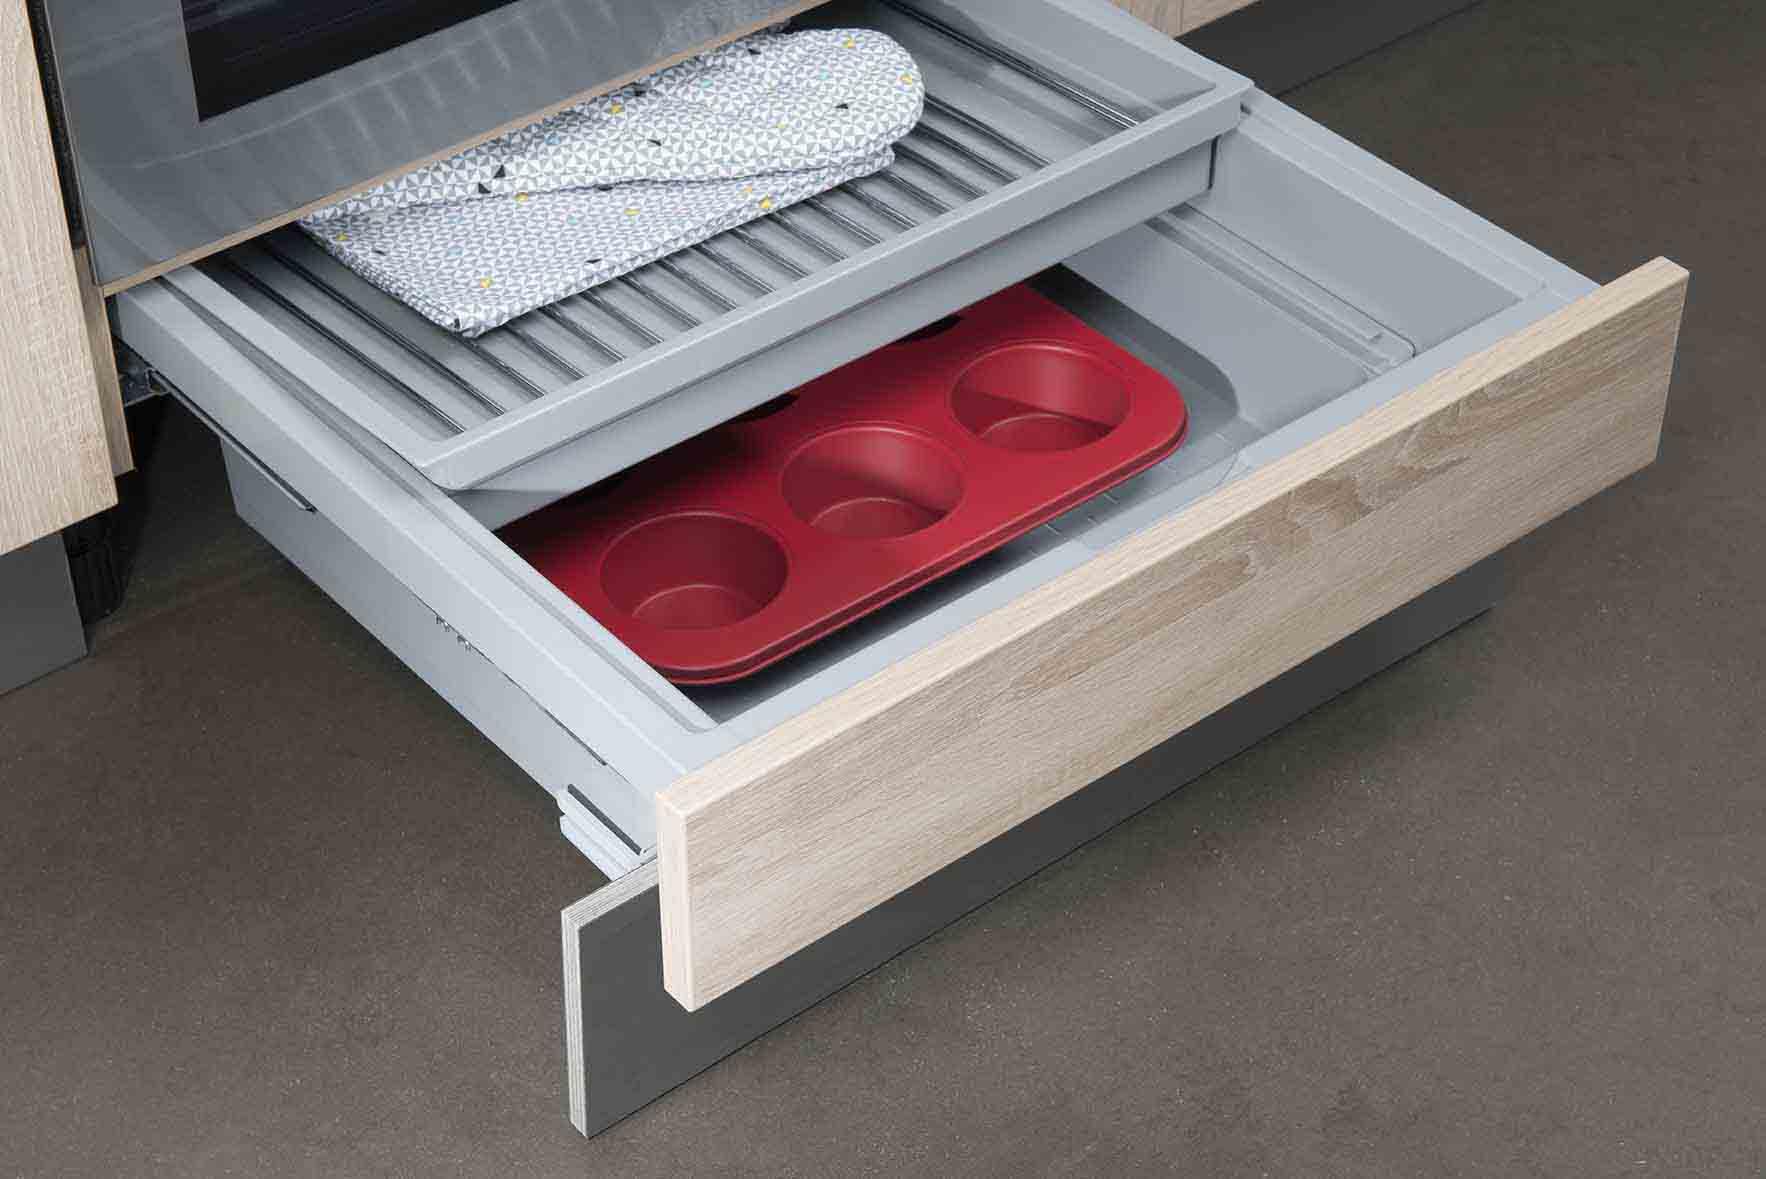 nouvelle collection de cuisines chez darty. Black Bedroom Furniture Sets. Home Design Ideas